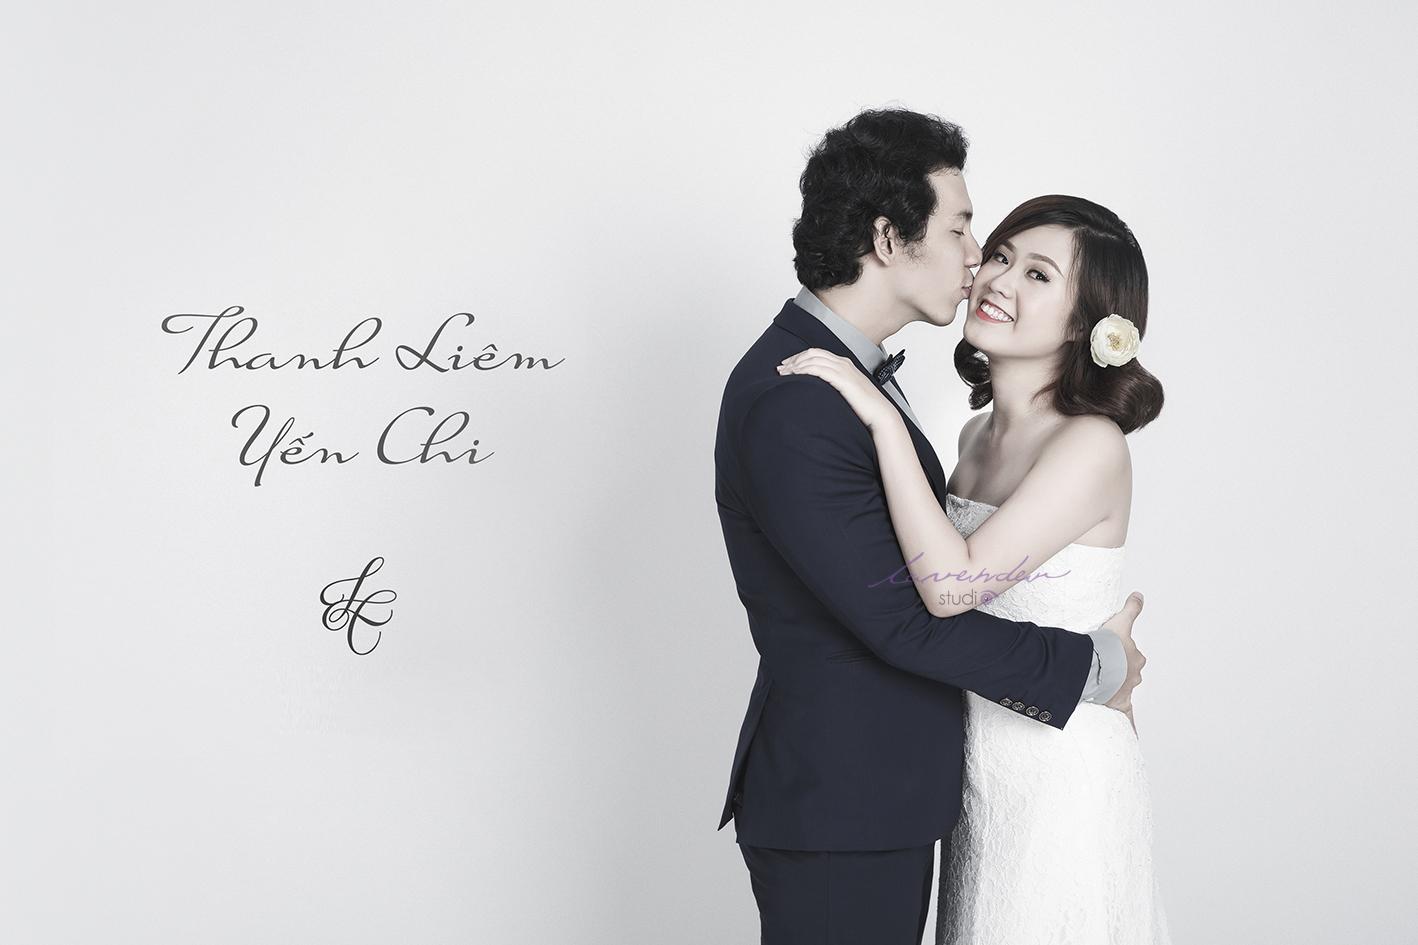 Chụp ảnh cưới Hàn quốc Sài Gòn